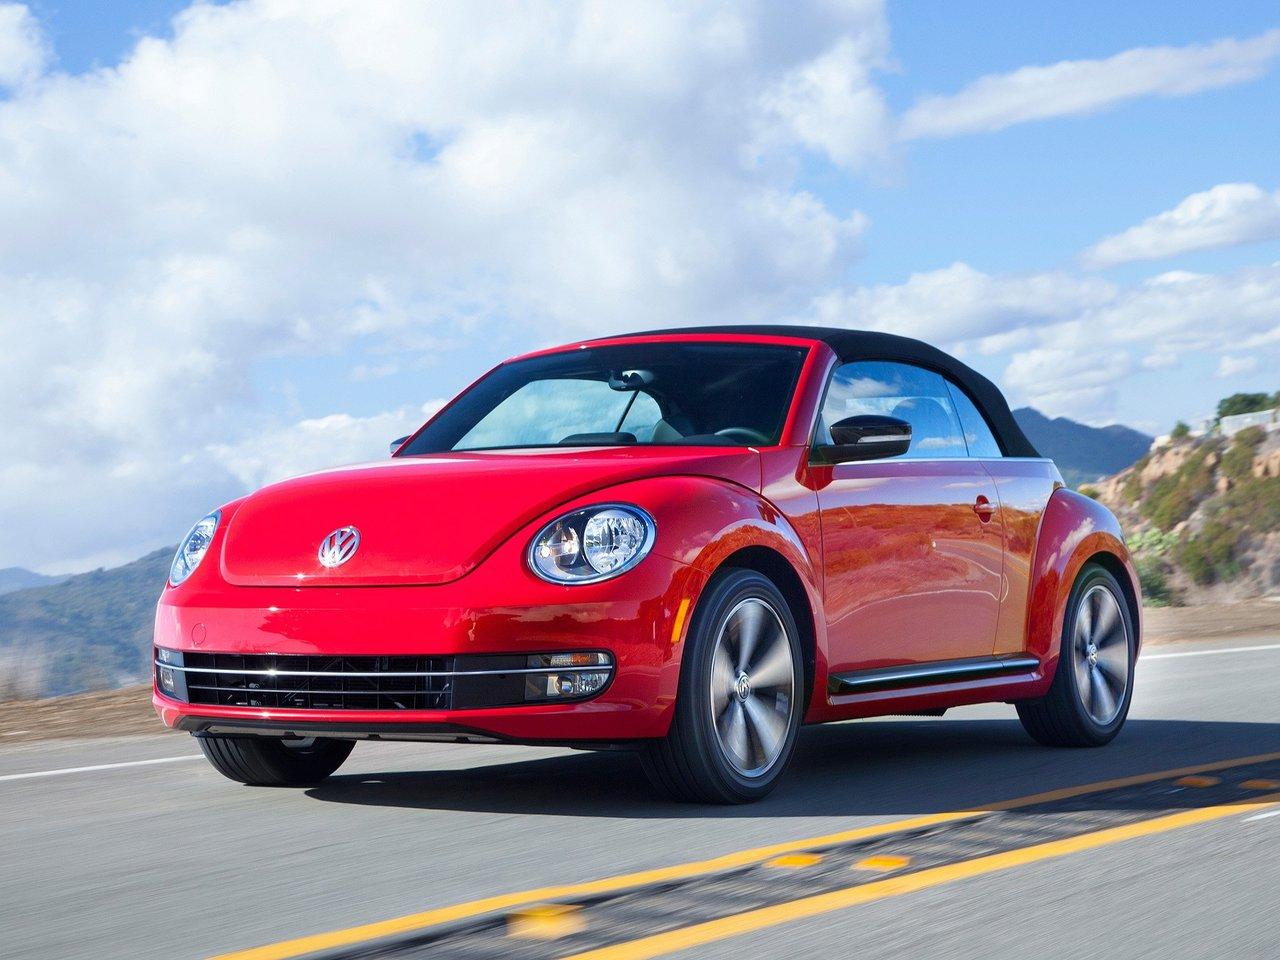 Снимки: Volkswagen Beetle Cabrio (A5) (2011)